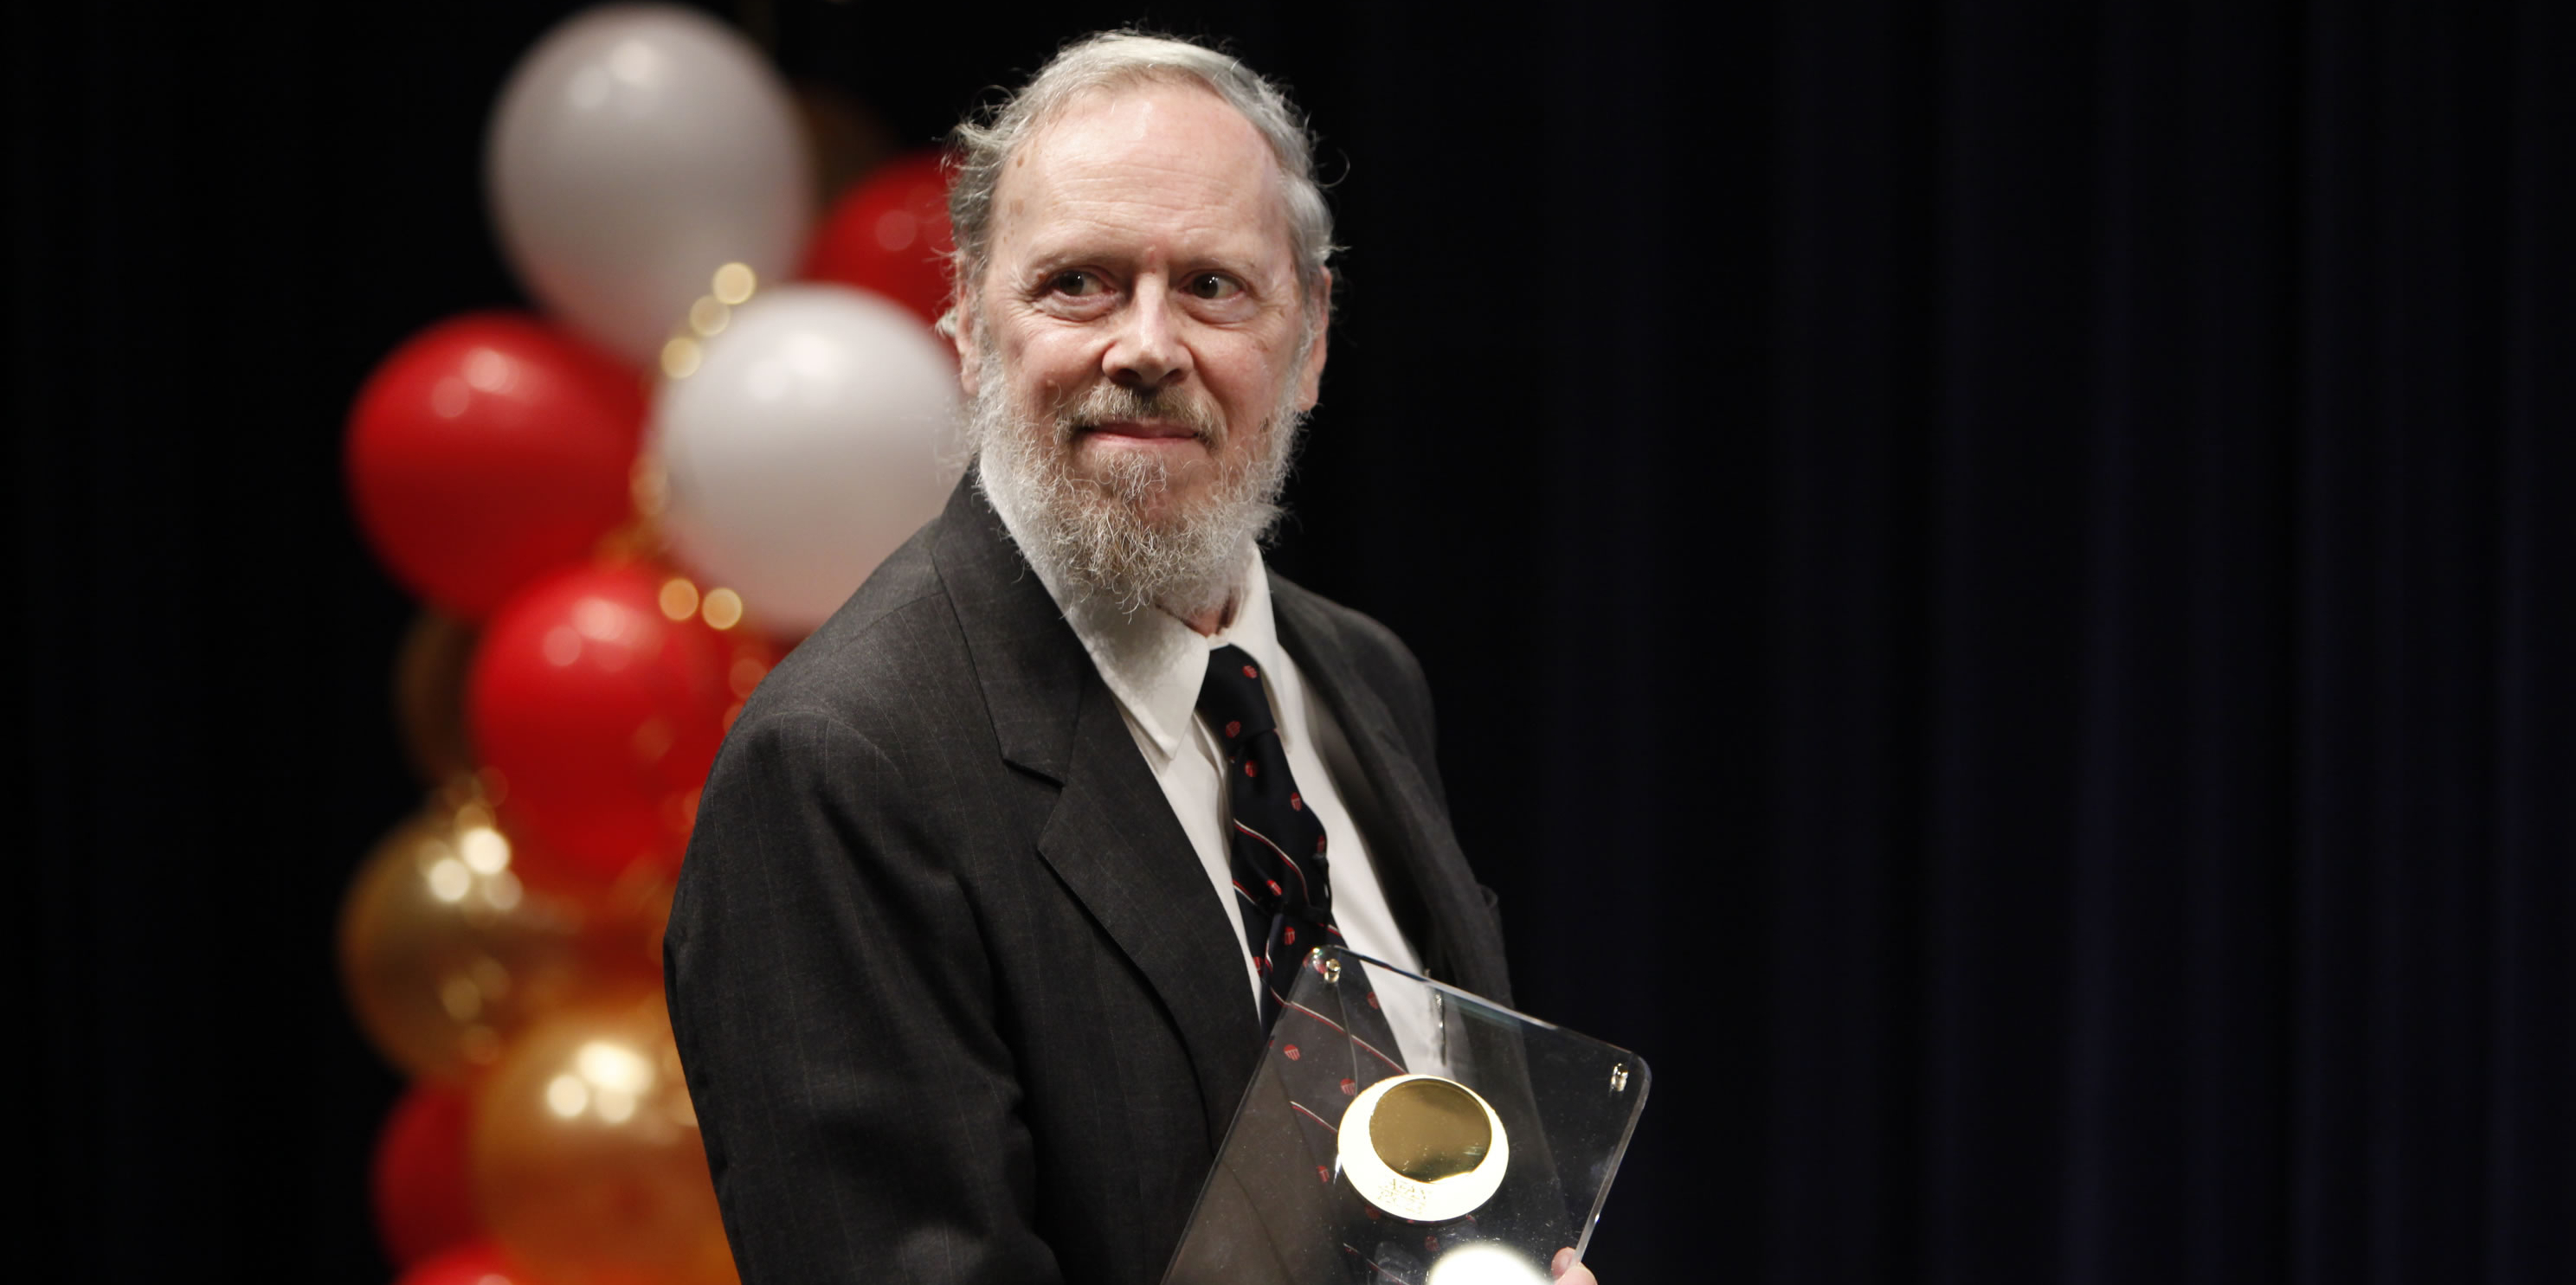 Ritchie recibe un premio de la Japan Foundation en la categoría de Información y Comunicación